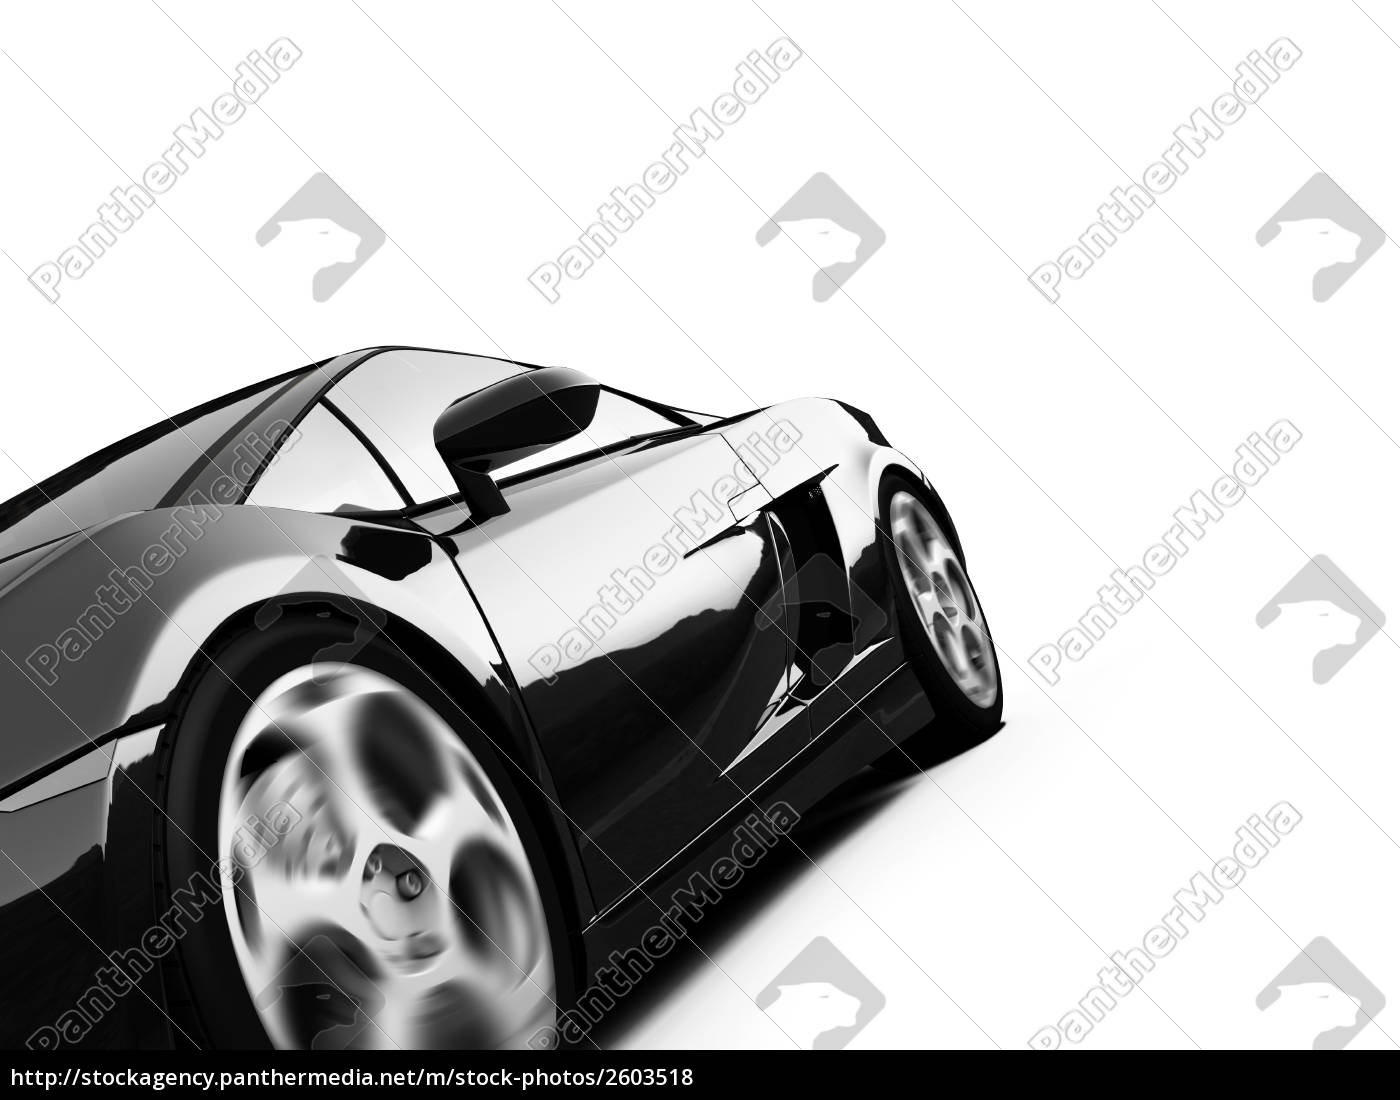 isoliert, sport, auto-ansicht - 2603518